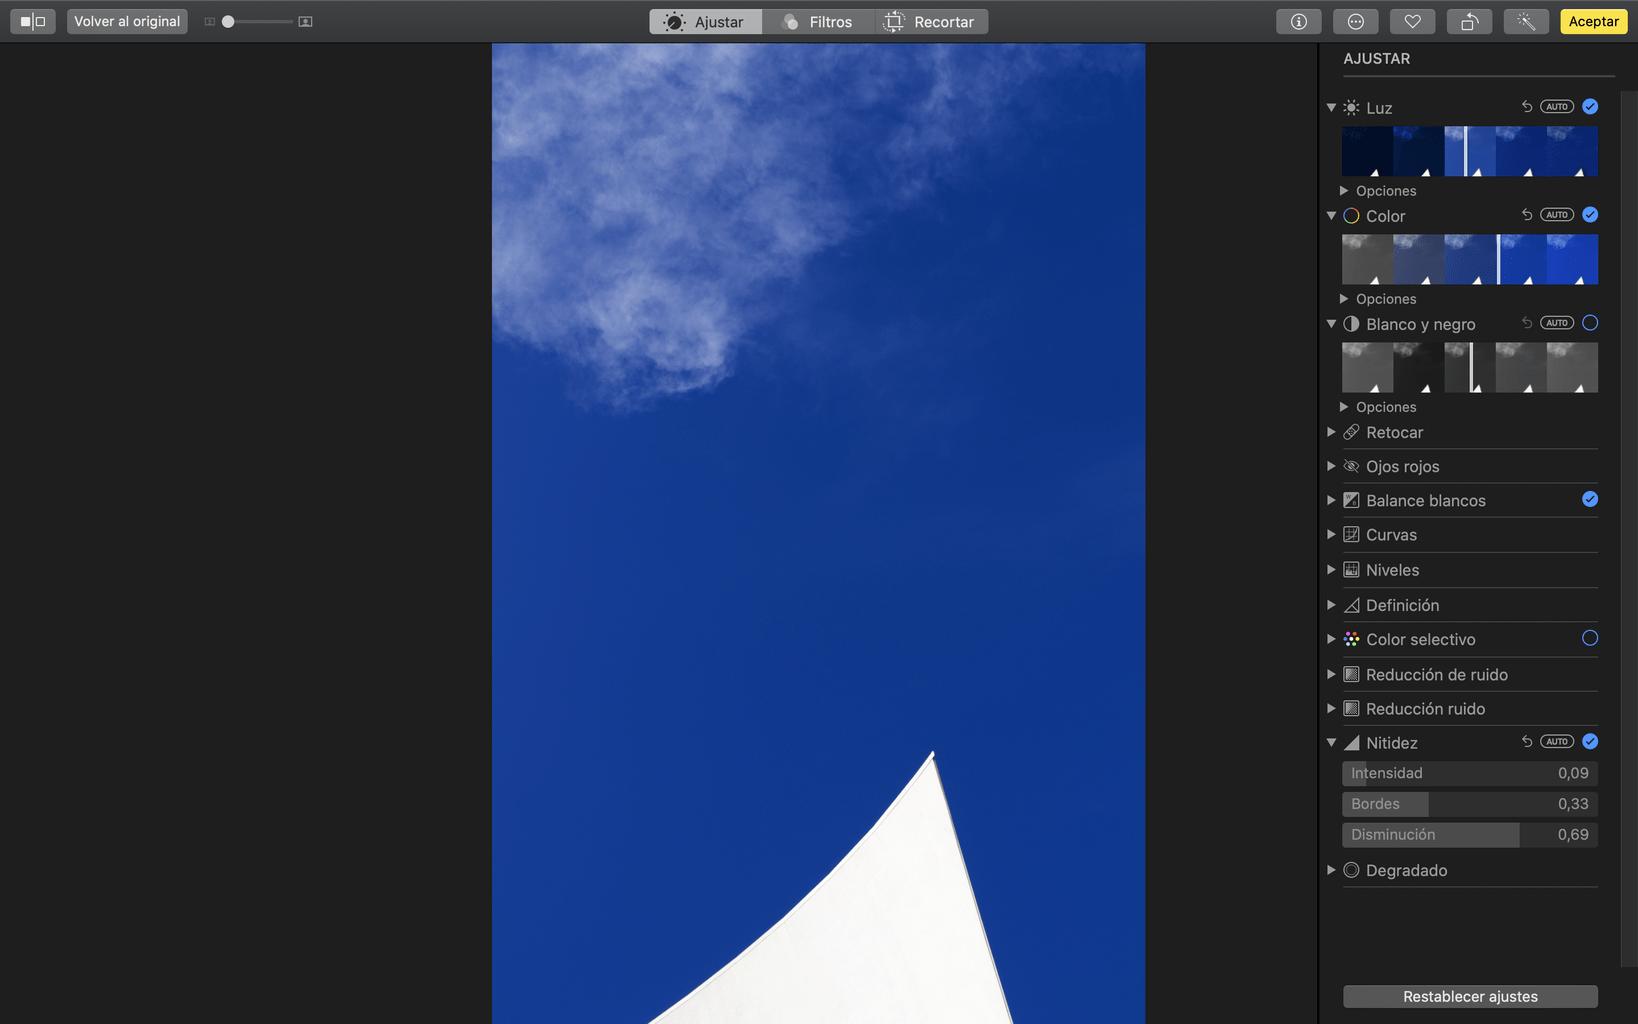 Captura de pantalla de las herramientas del software Fotos en iOS